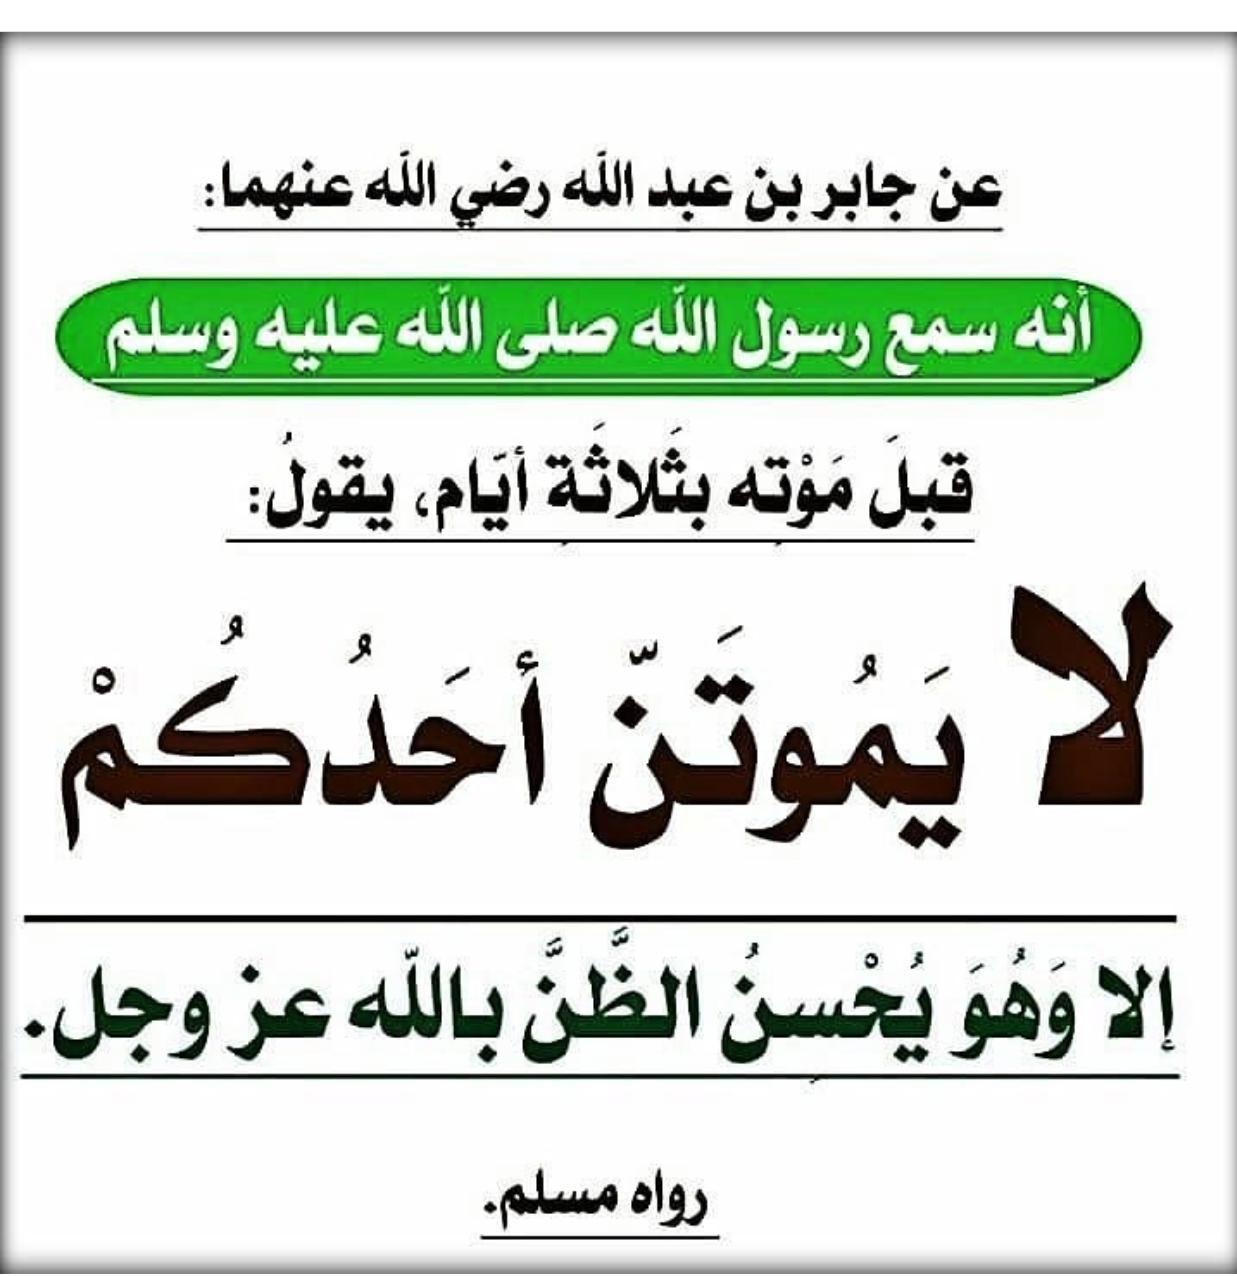 السؤال قال رسول الله ﷺ فلا يموتن أحدكم إلا وهو يحسن الظن بالله ما معنى هذا الحديث الجواب Islam Facts Quotations Peace Be Upon Him